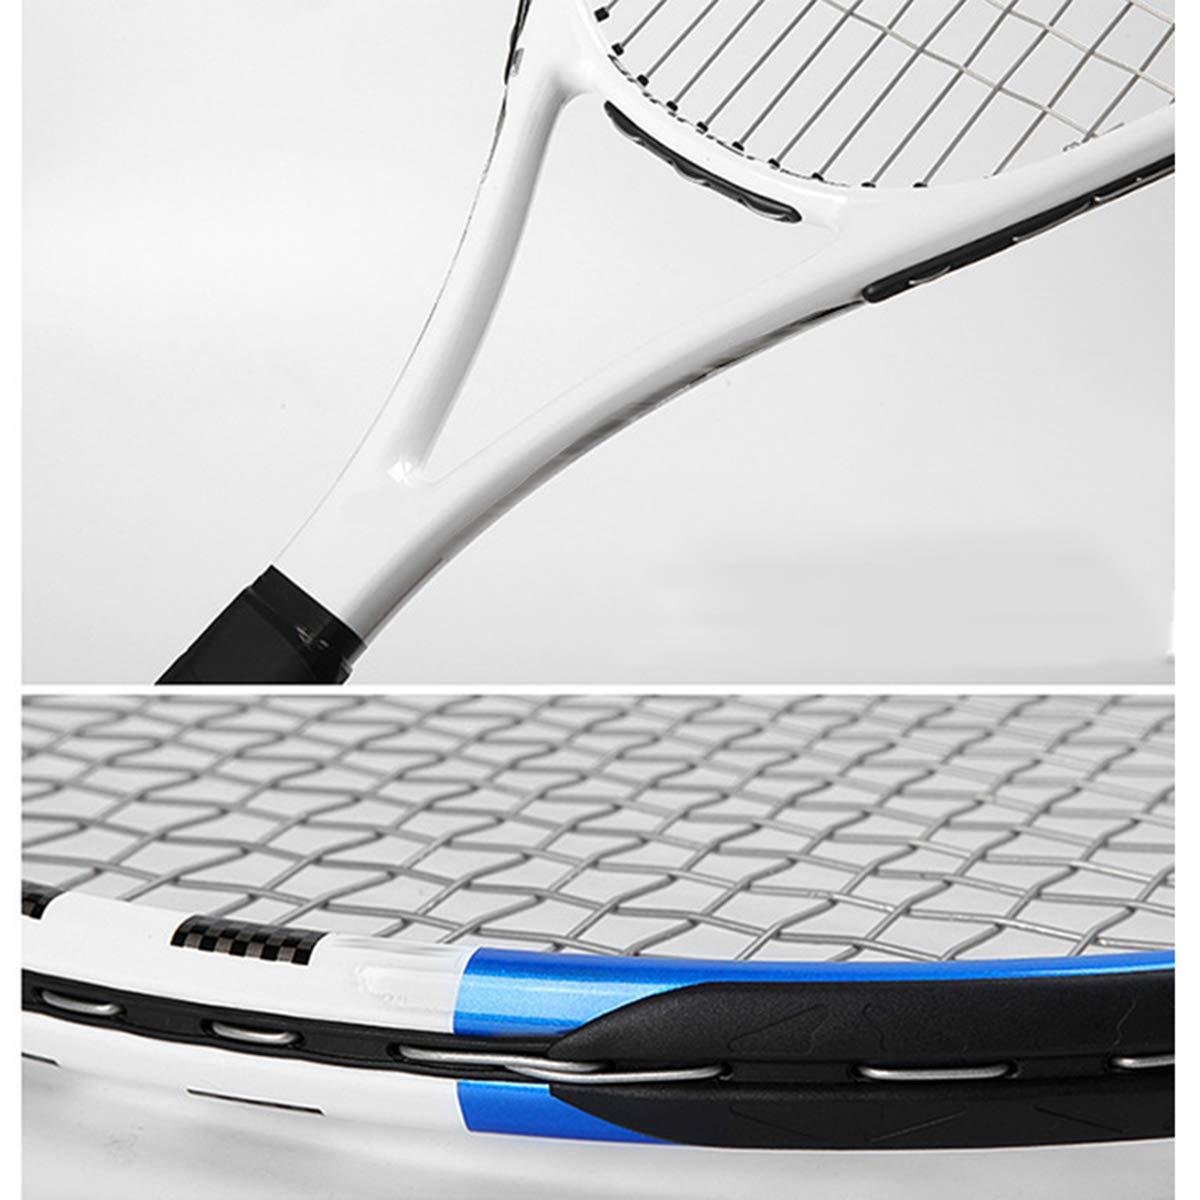 Tennisschläger Verschleißfest Und Professionell Hochwertige Ultraleichte Unisex-Single-Shot-Aluminiumkohlefaser-integrierte Netz-Sportausrüstung Netz-Sportausrüstung Netz-Sportausrüstung B07NRN5XZ9 Tennisschlger Ausgezeichnete Dehnung c73fff